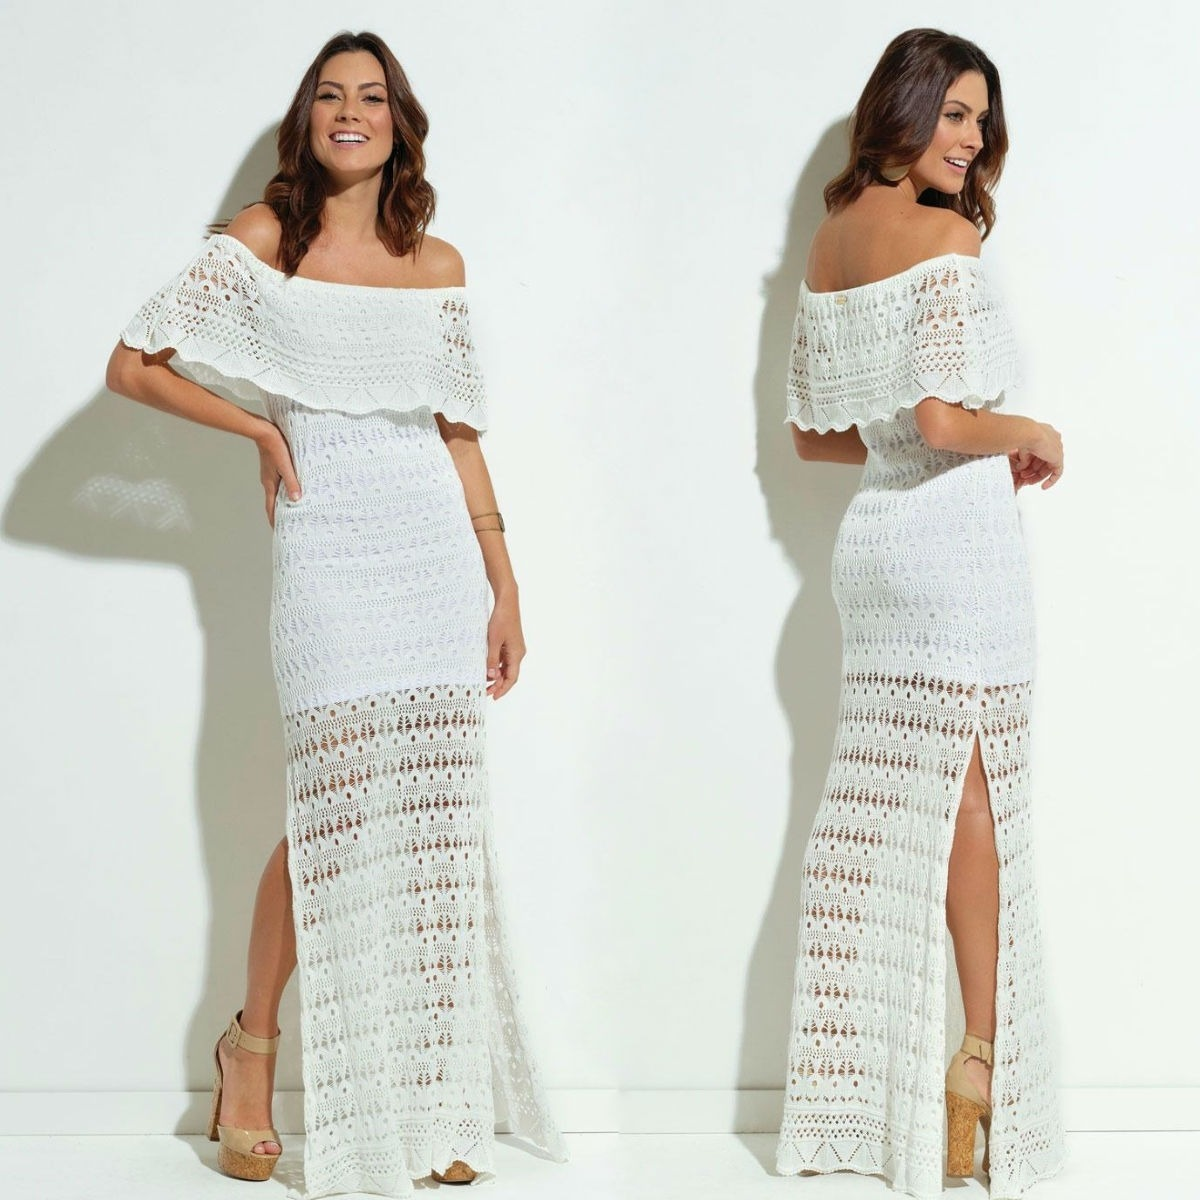 e5aa44e244 vestido de festa longo branco de crochê tricot ciganinha. Carregando zoom.